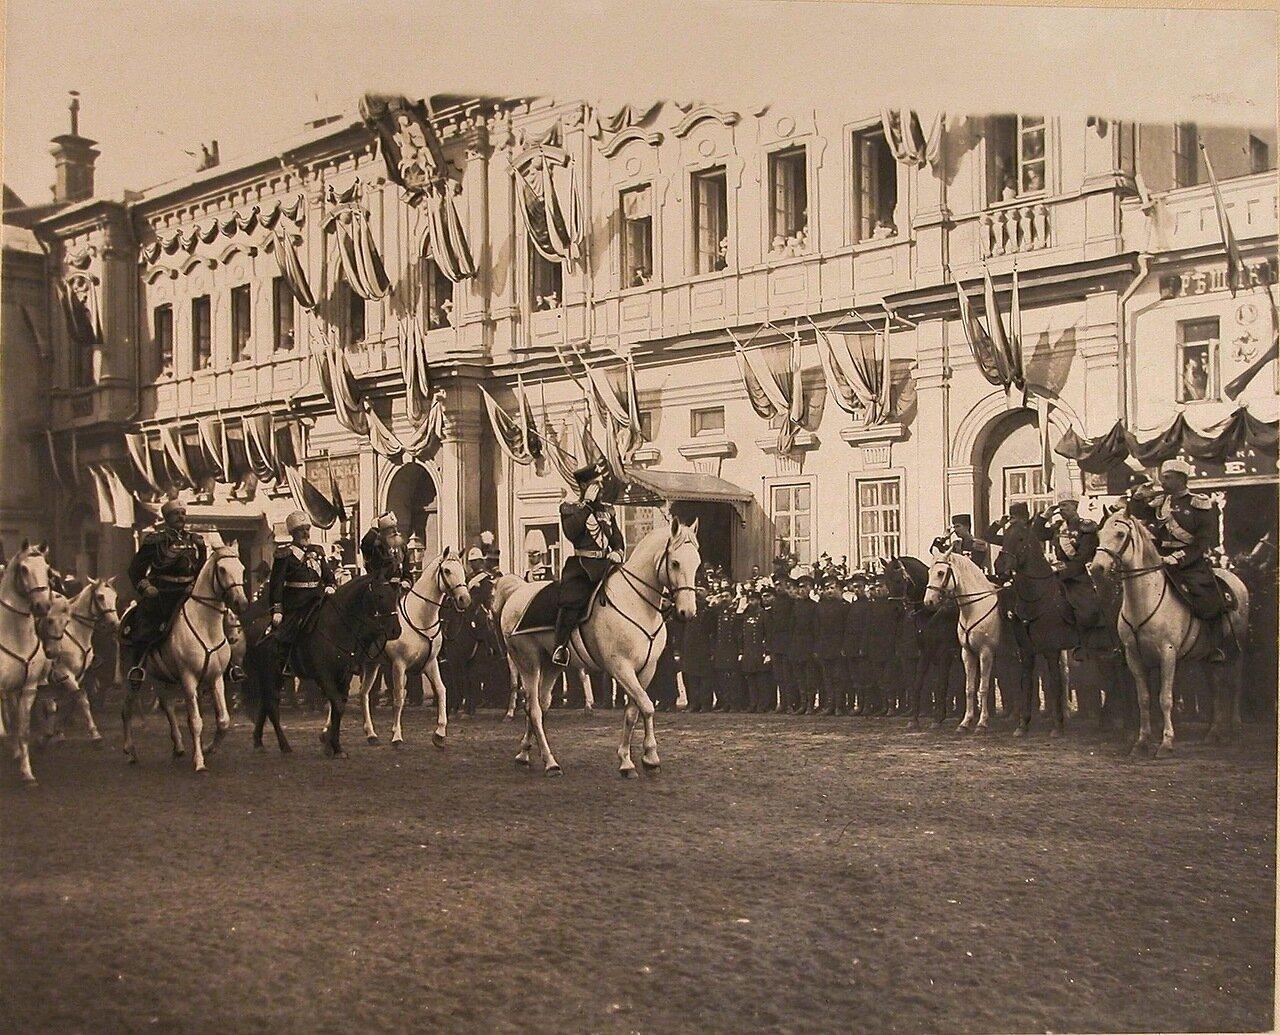 Император Николай II (впереди на белом коне) со свитой на Красной площади у Воскресенских ворот в день торжественного въезда в Москву их императорских величеств